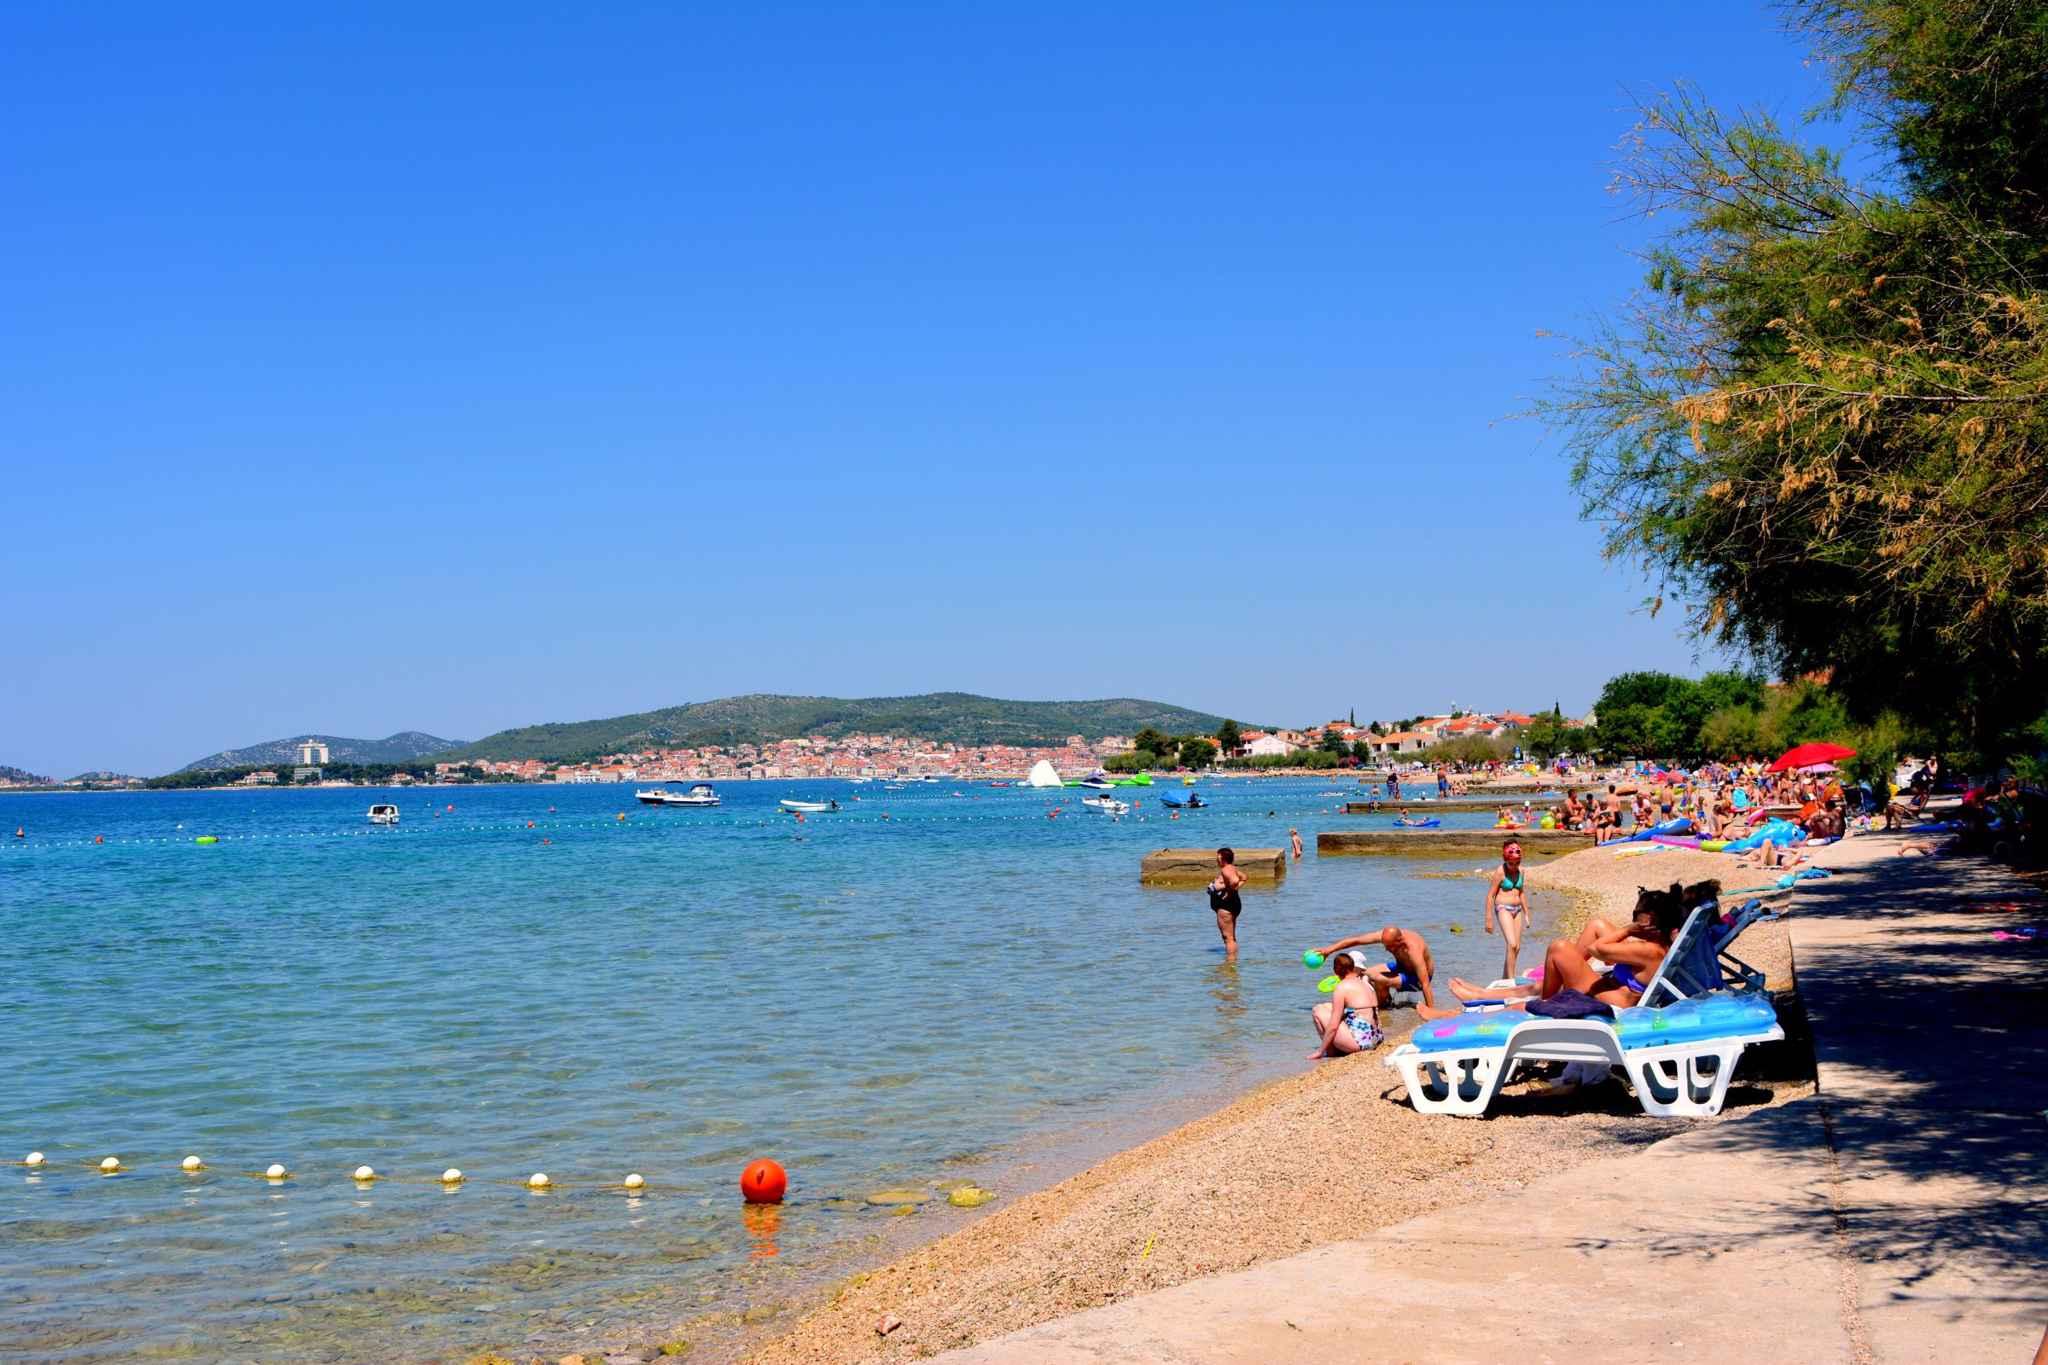 Ferienwohnung mit Internet in der Nähe der Adria (278861), Vodice, , Dalmatien, Kroatien, Bild 7